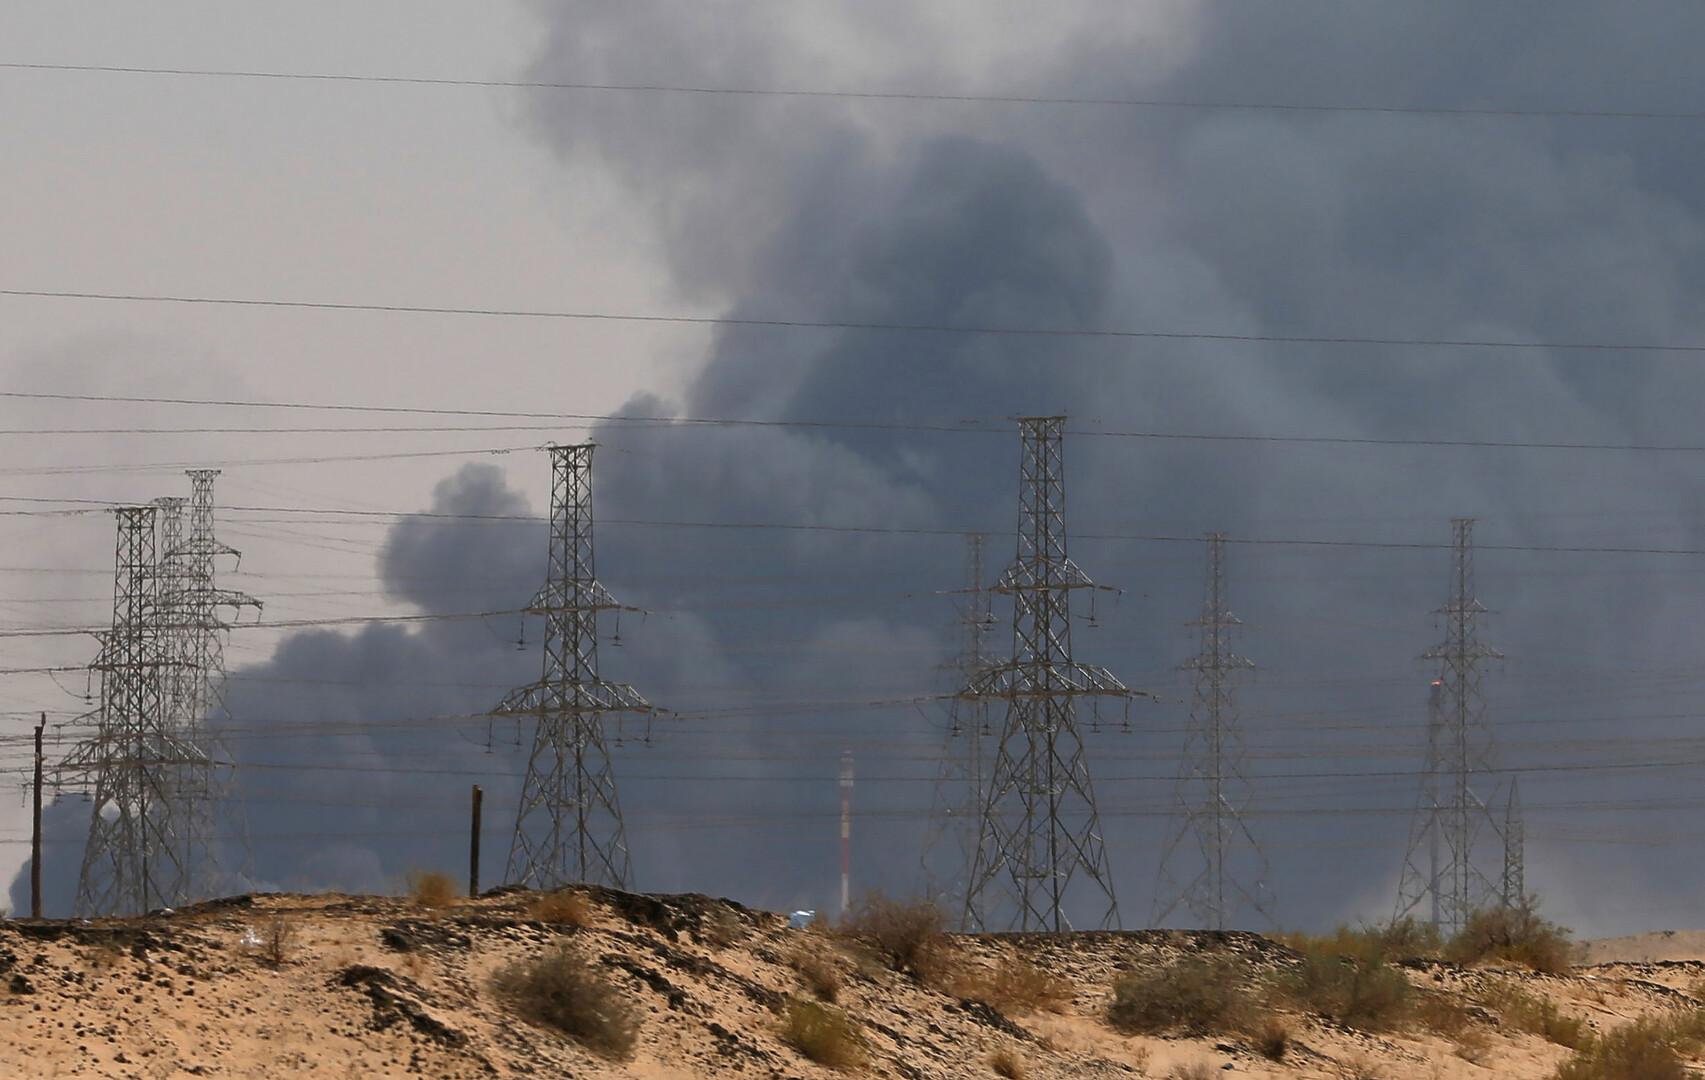 التحالف العربي: نحقق لمعرفة المتورطين في الهجوم على معملي